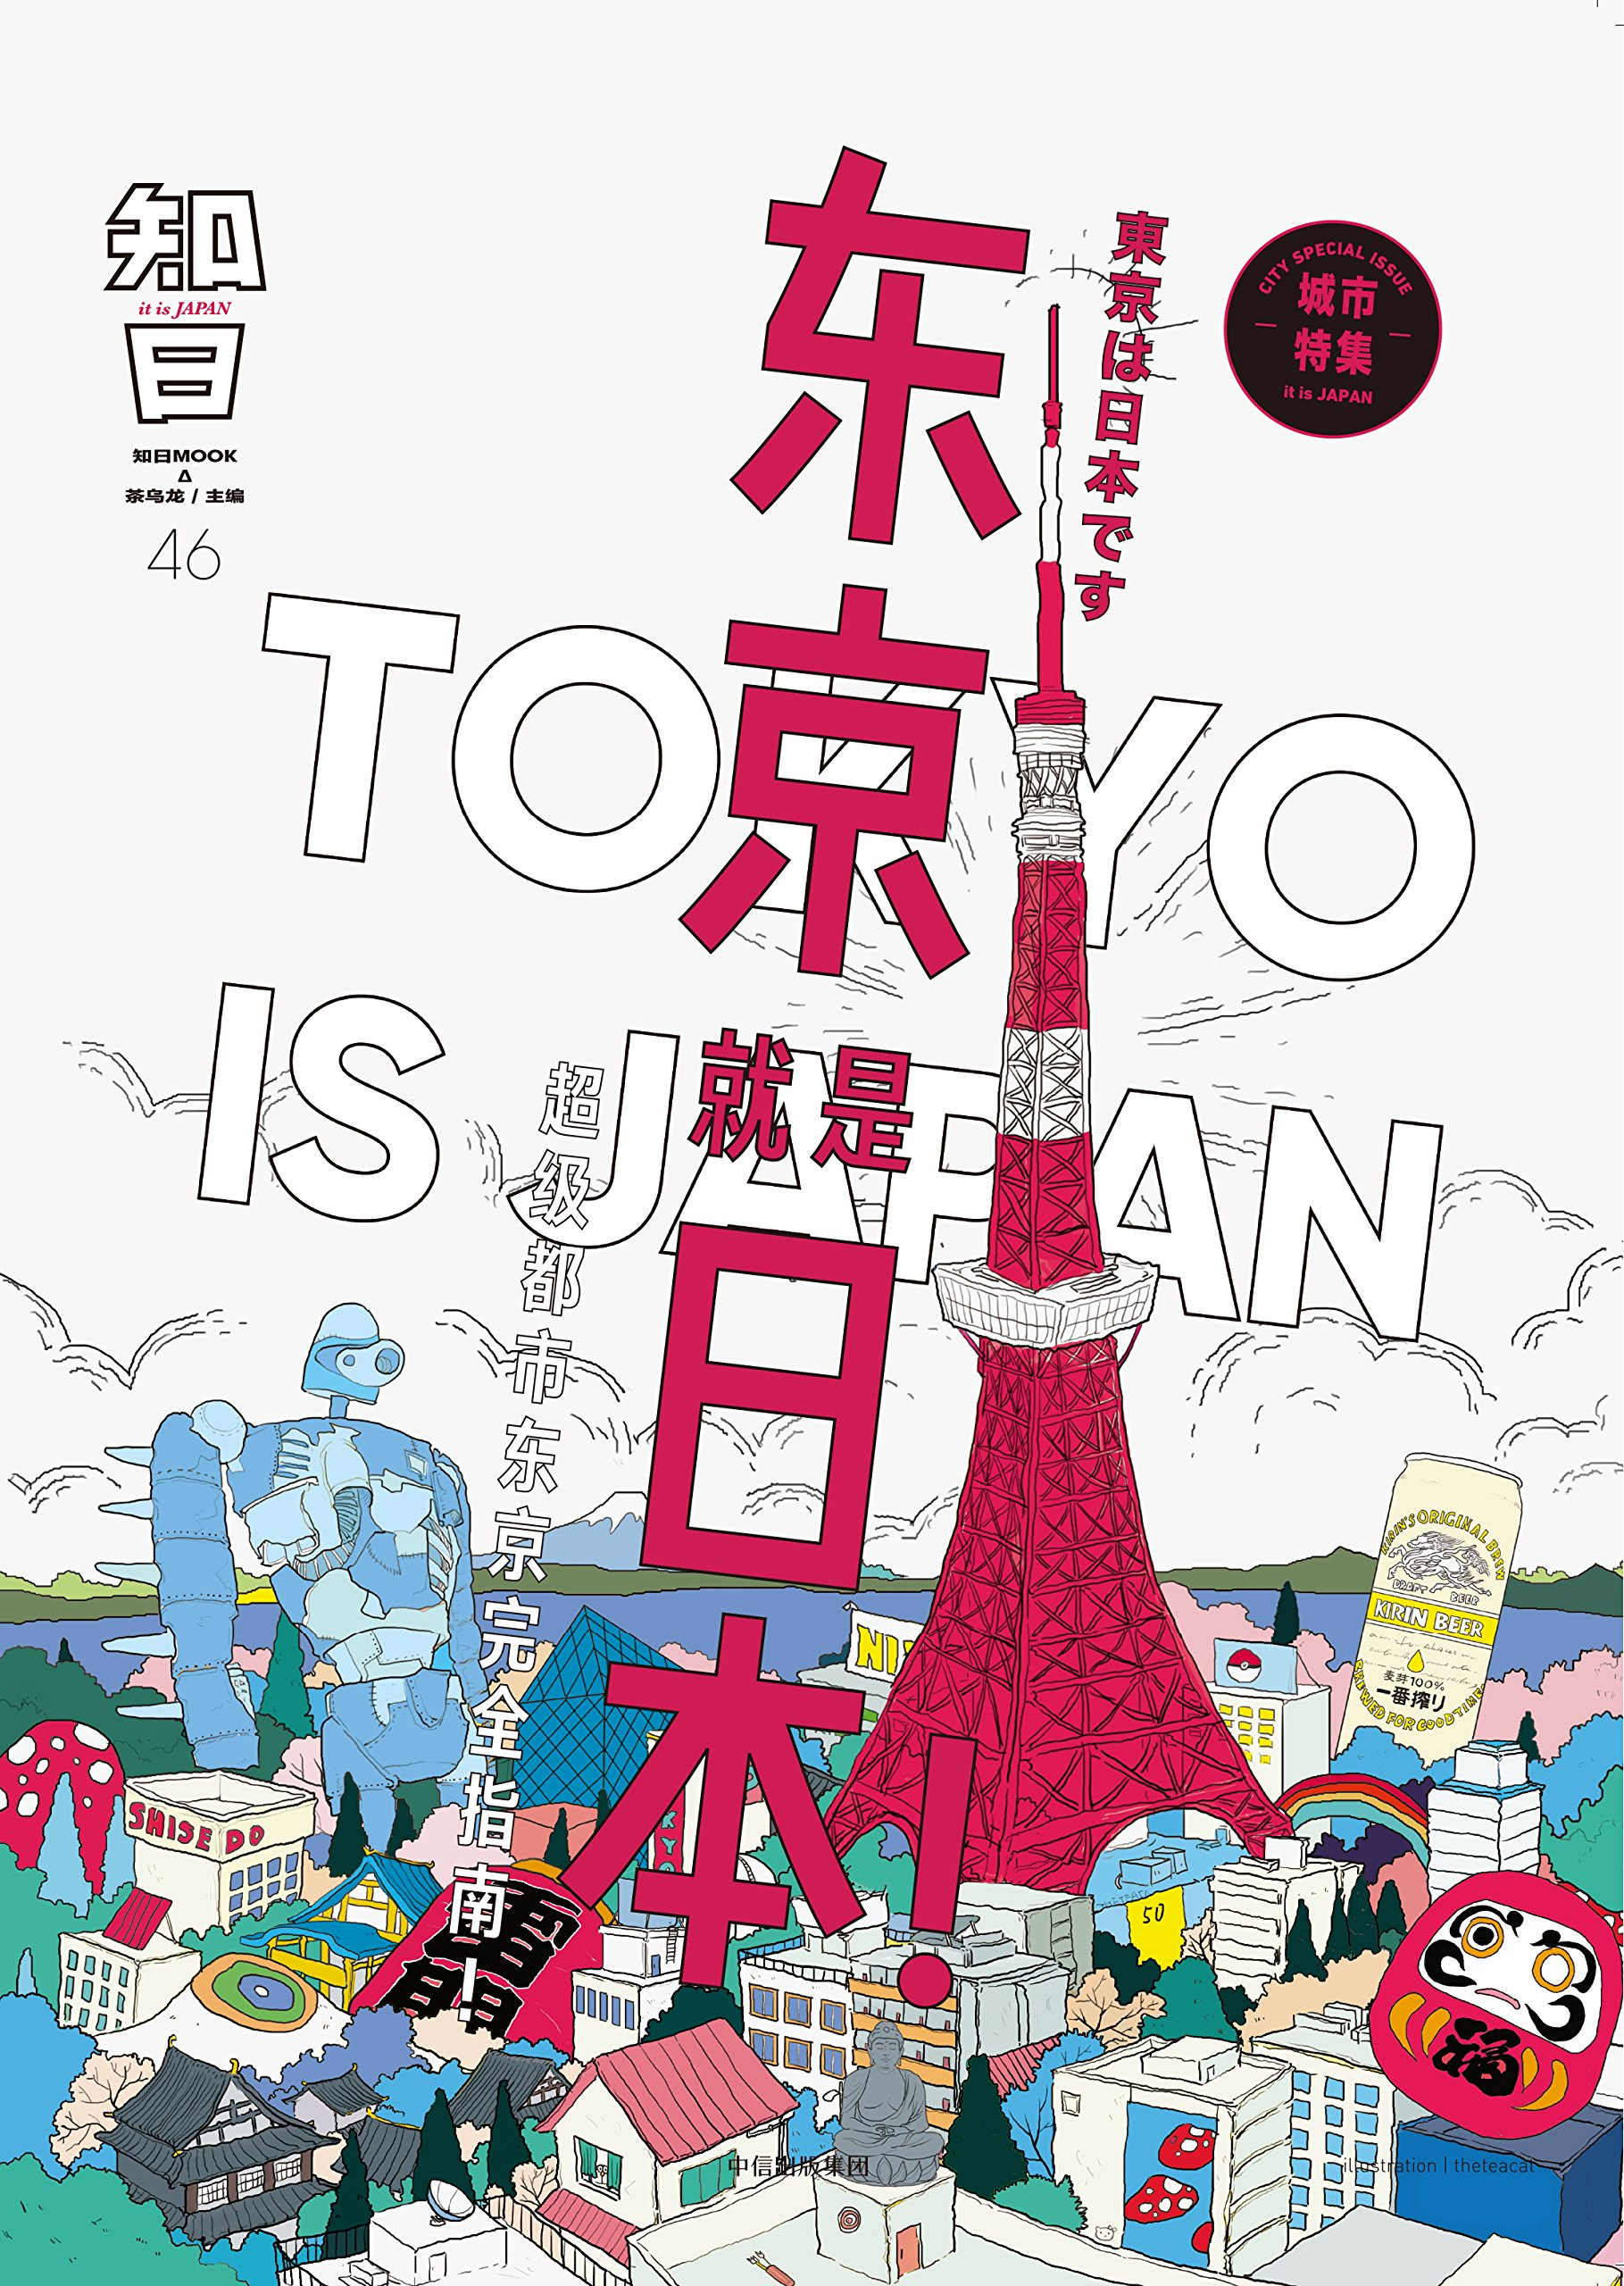 知日  第46期  東京就是日本